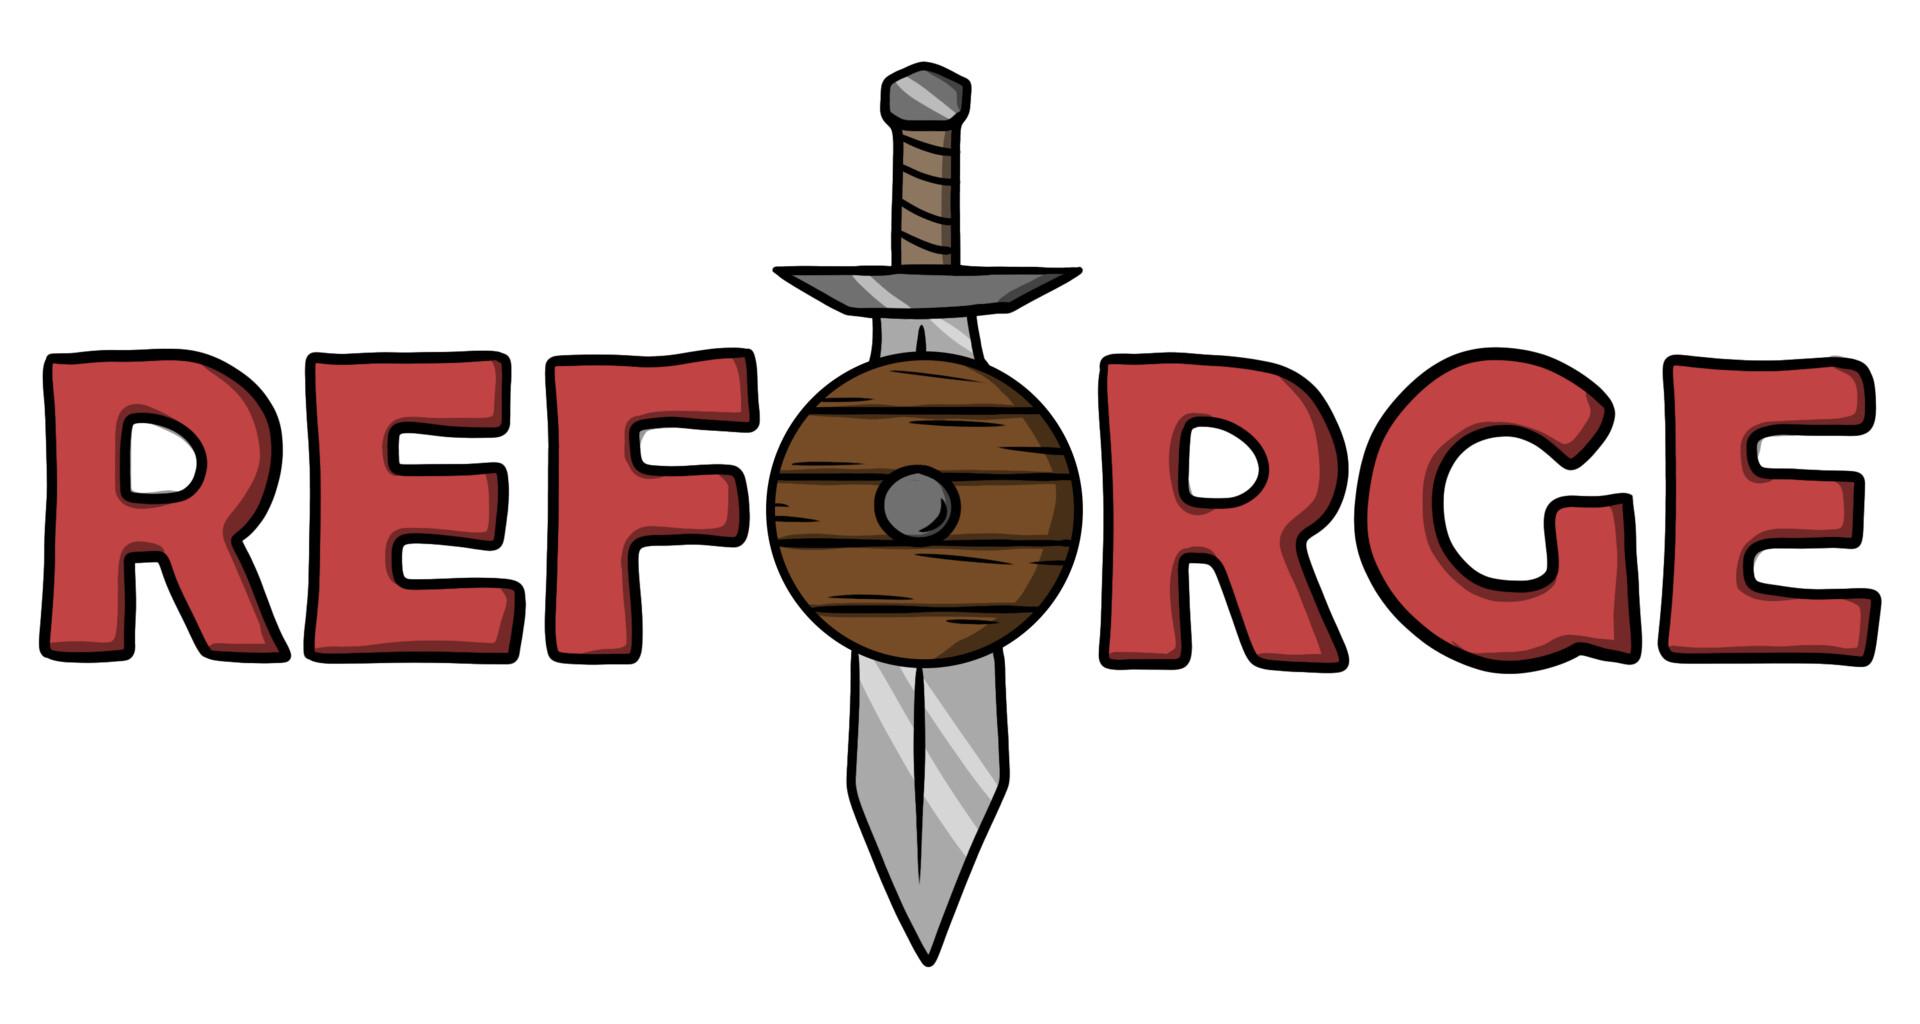 Sam donez reforge logo v3